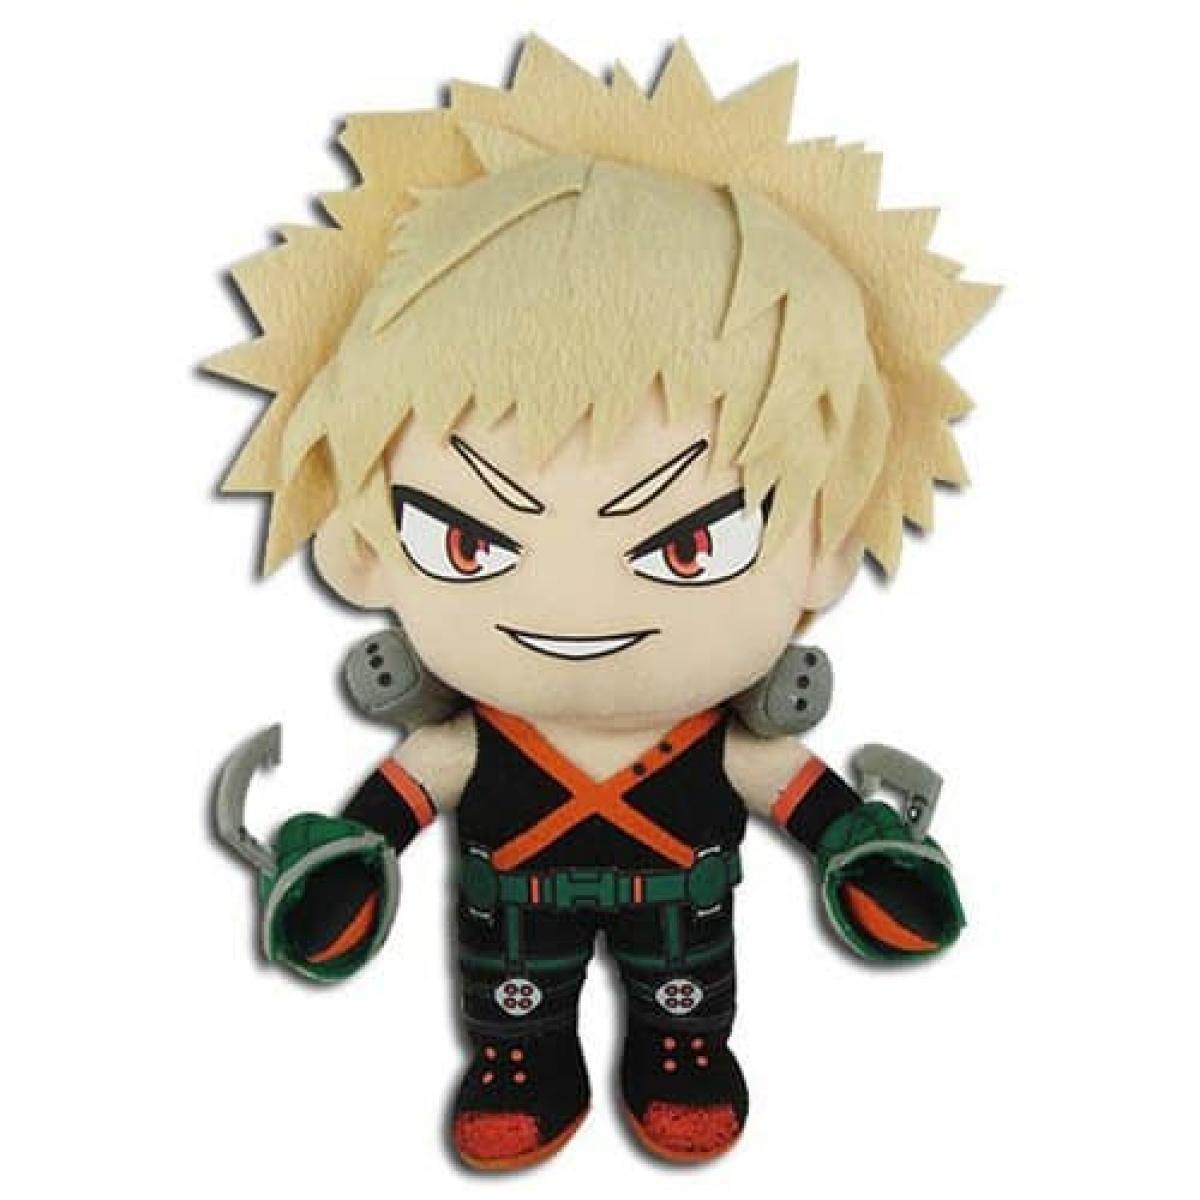 My Hero Academia Bakugo Standing in Hero Costume 8″ Plush Plushies 4